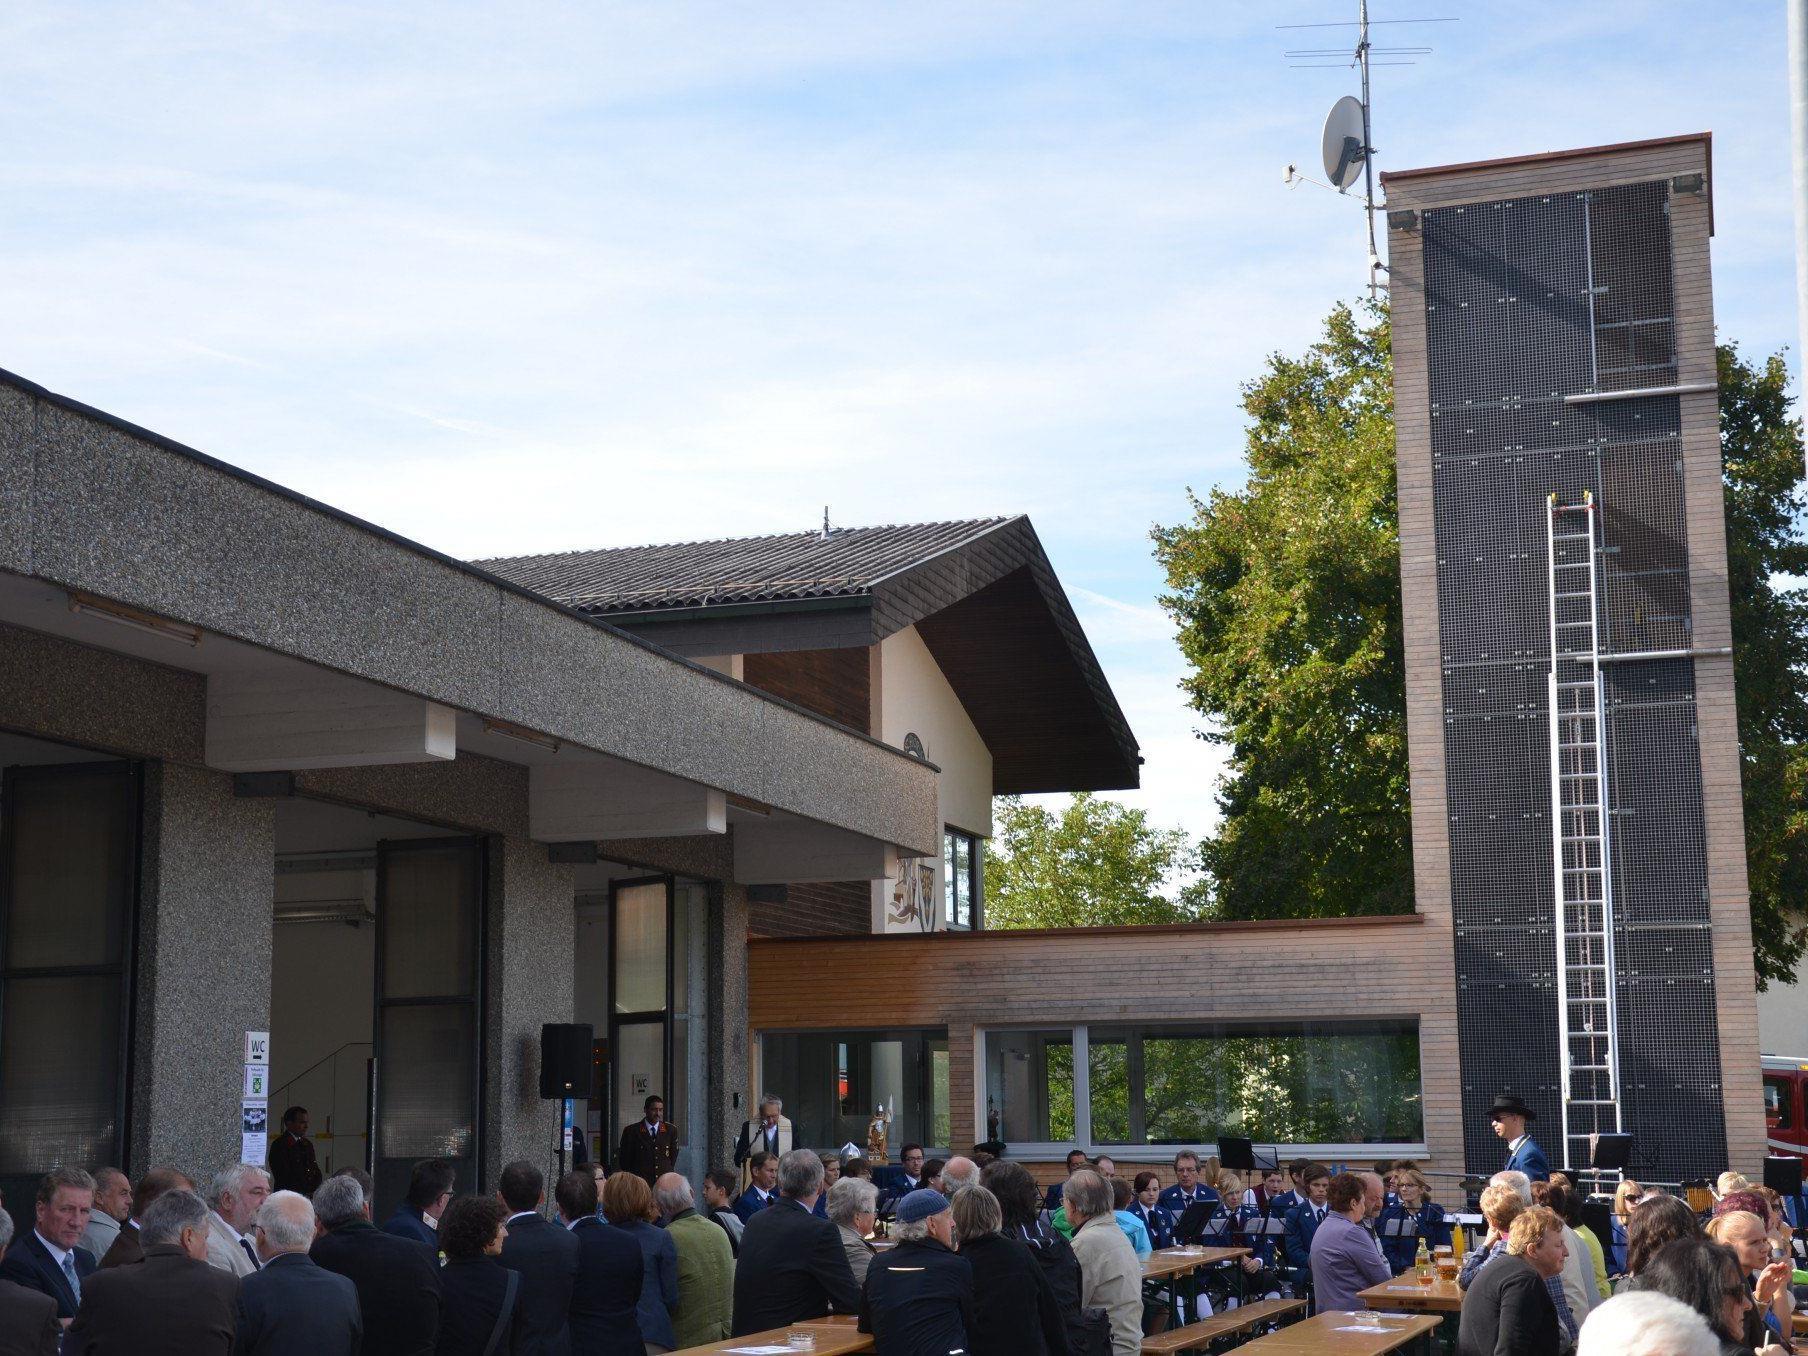 Feierliche Eröffnung und Segnung des neuen Feuerwehrhauses in Zwischenwasser.